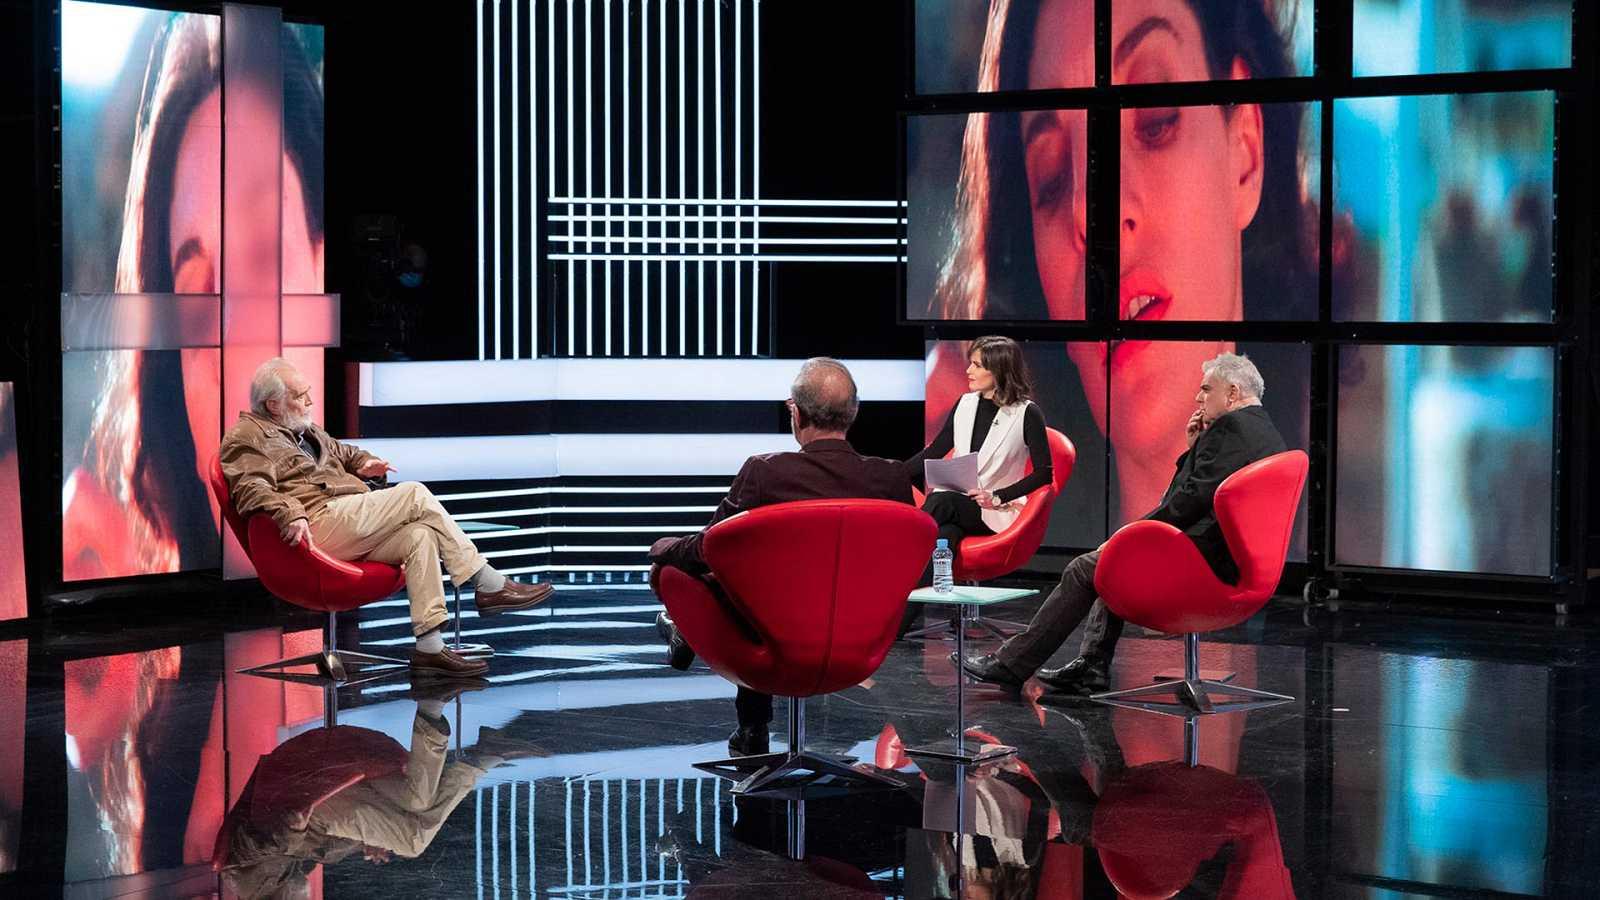 Historia de nuestro cine - Coloquio: Cine andaluz - ver ahora